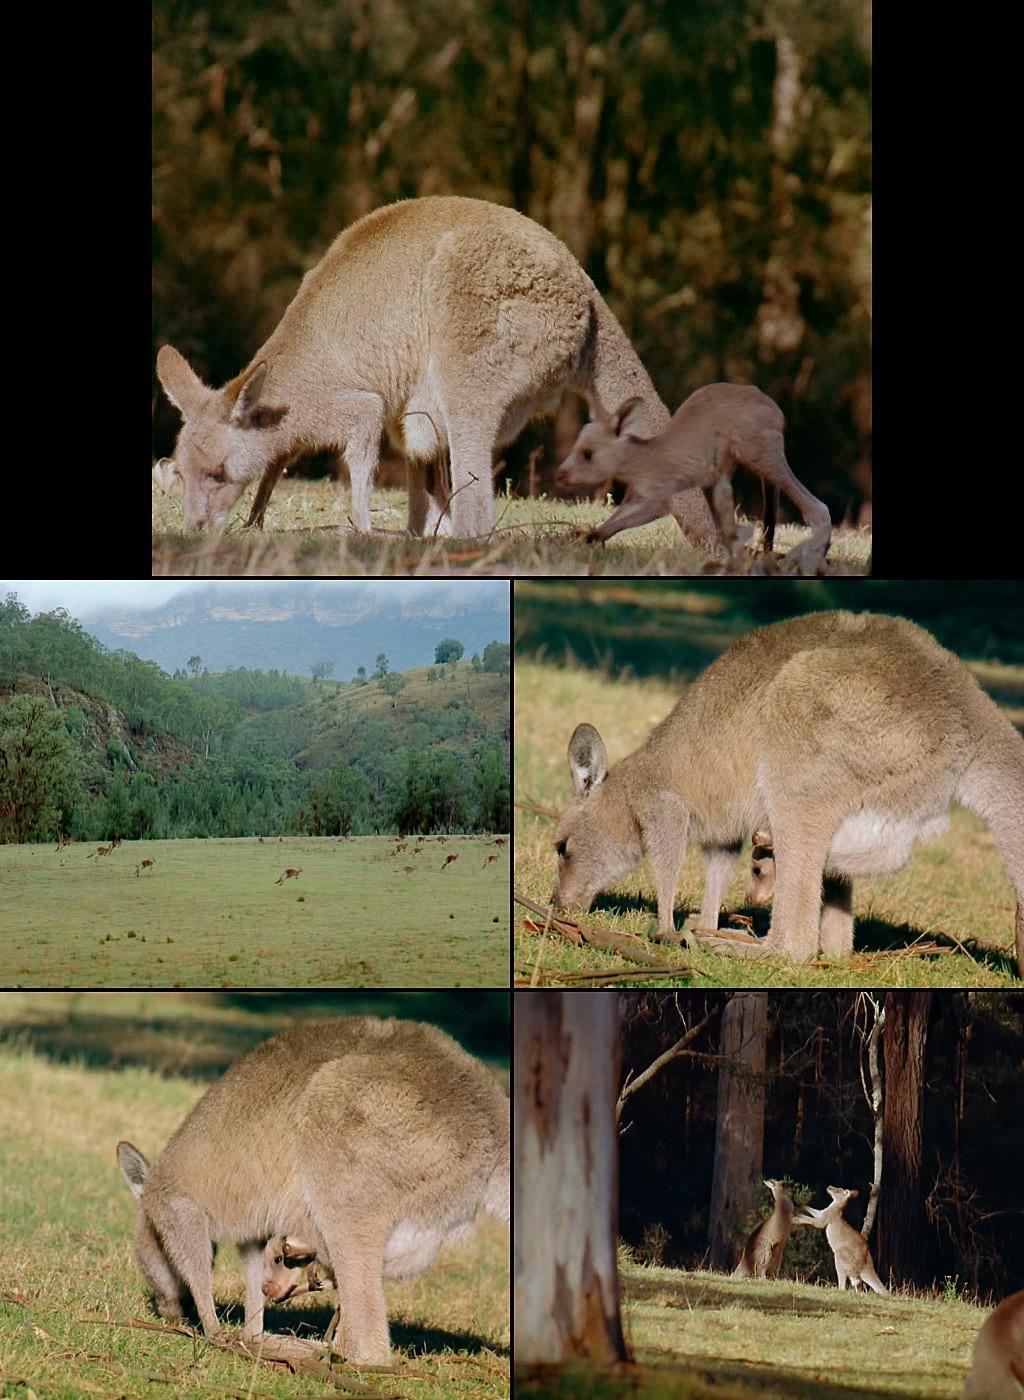 澳洲动物袋鼠实拍视频素材